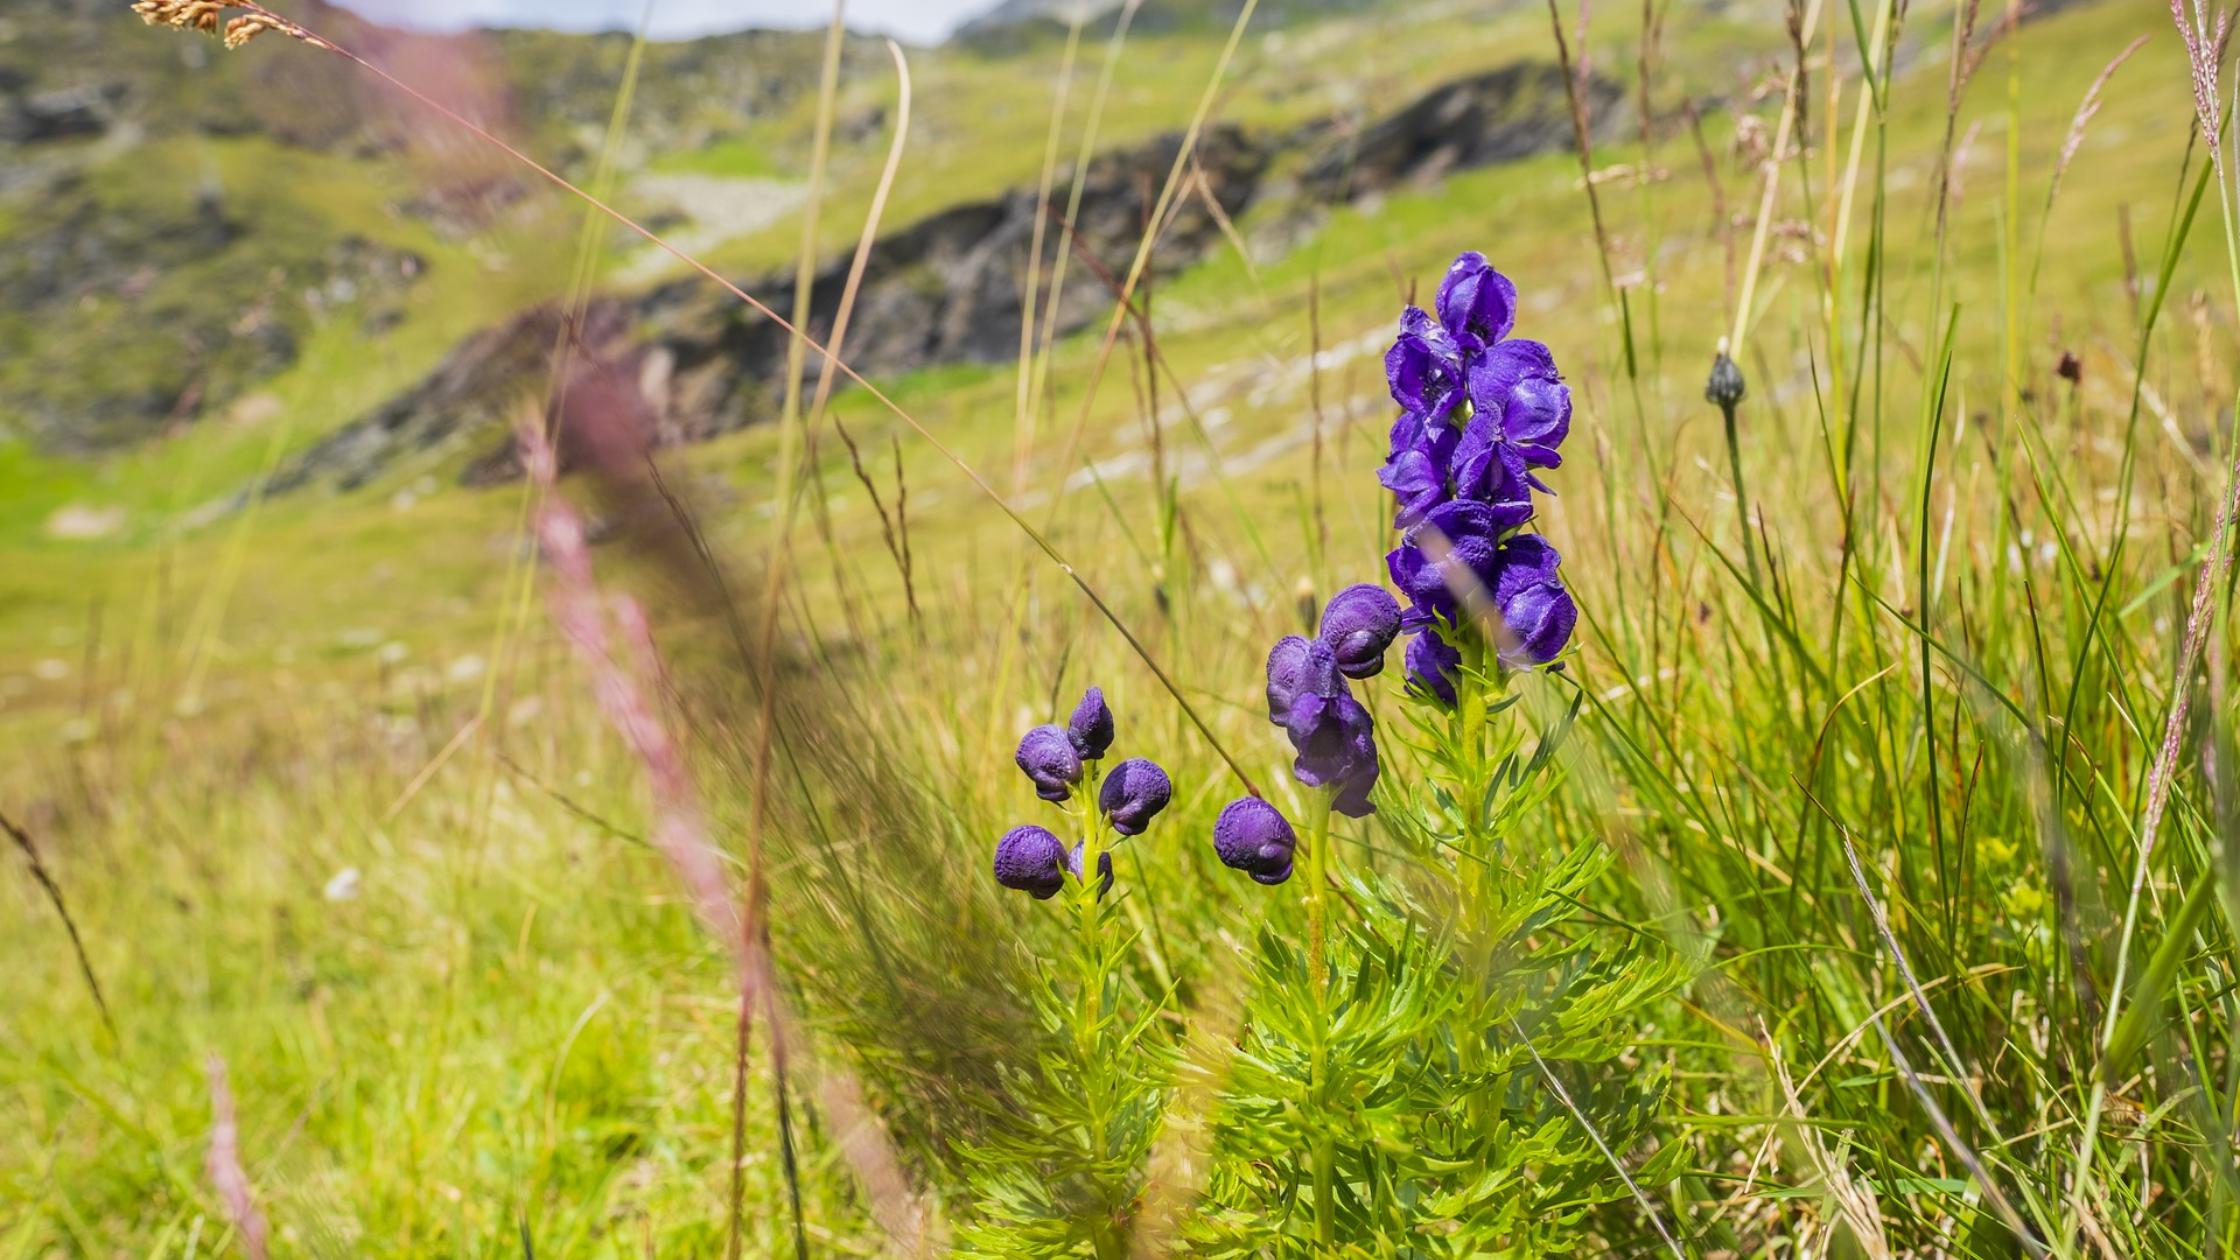 aconite purple flowers in a field